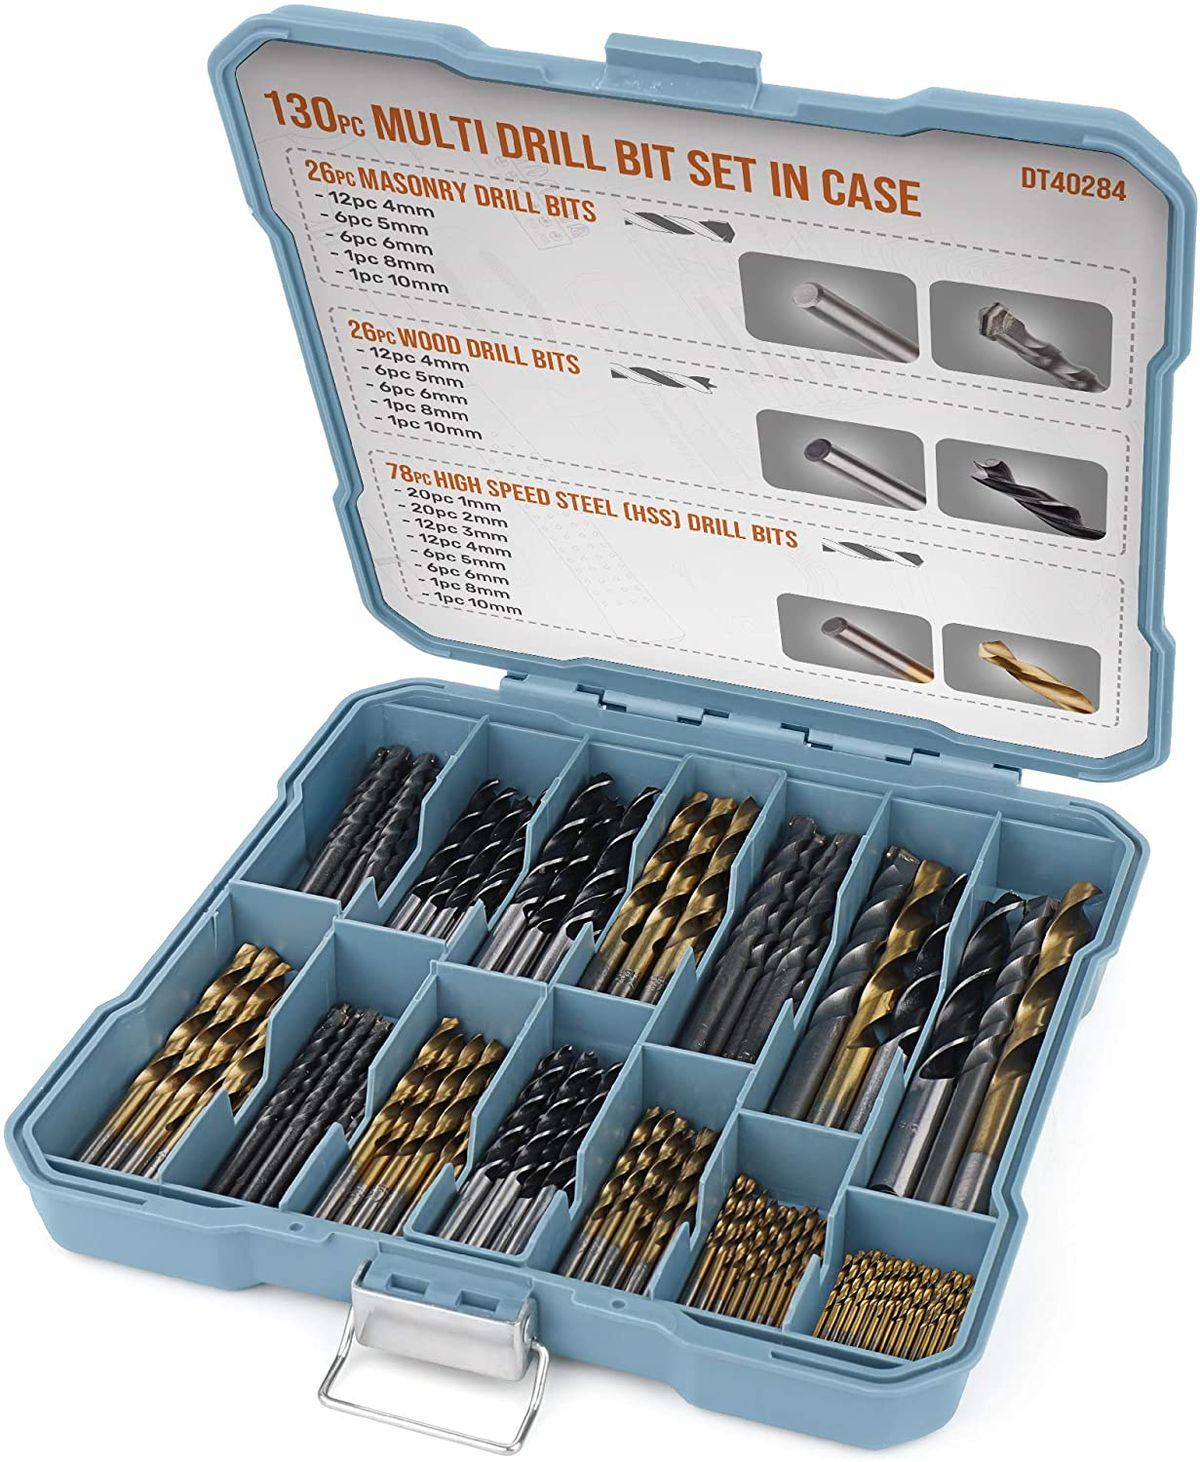 Hi-Spec Wood Metal Drill Bit Set Titanium HSS Steel Bits Masonary Drill Power Tool Accessories for Metal Plastic Woodworking